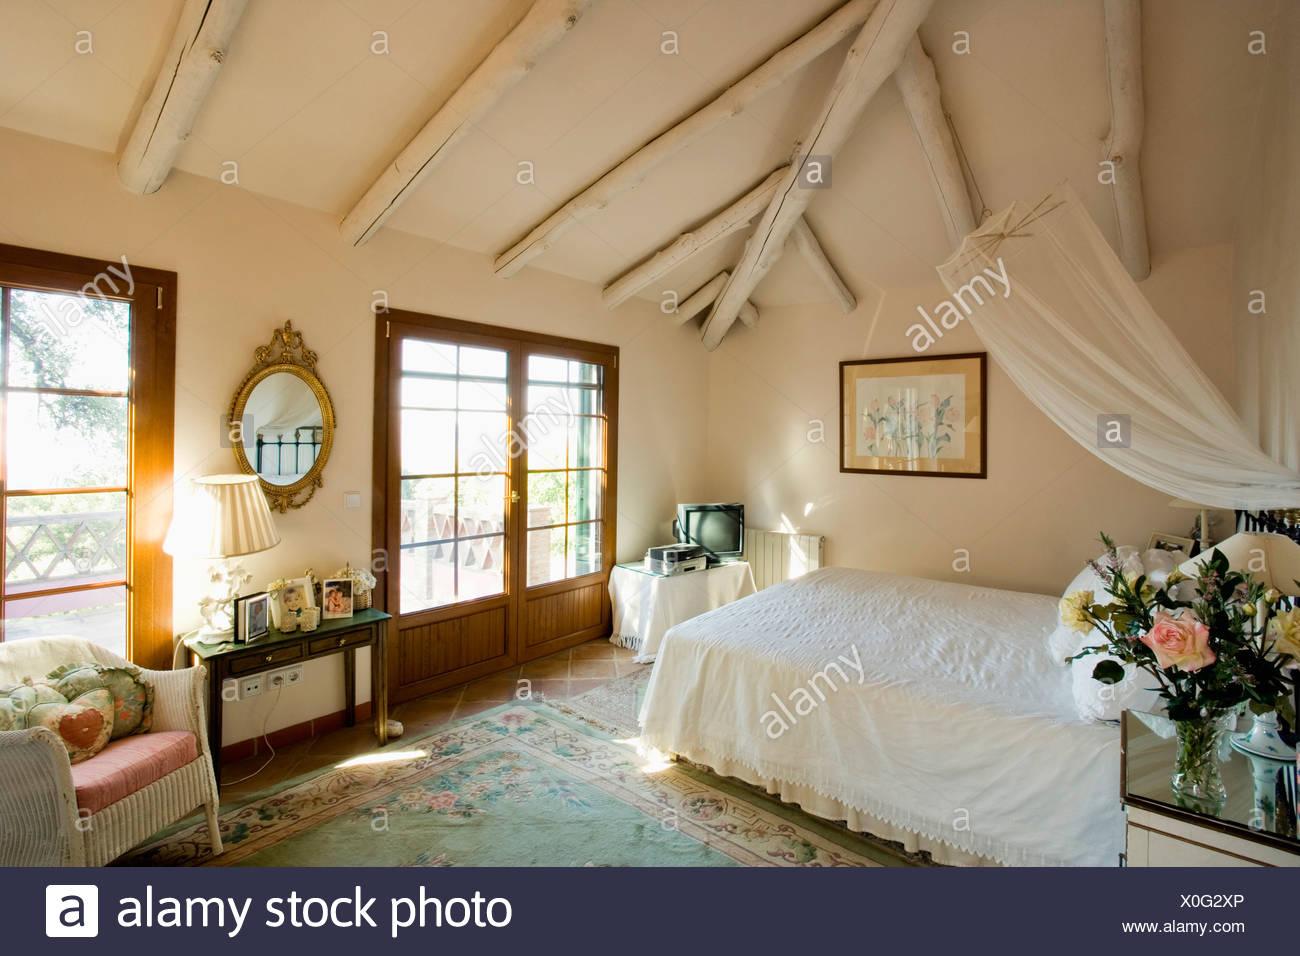 Zanzariera Da Letto : Camera da letto del paese in spagna con soffitto con travi a vista